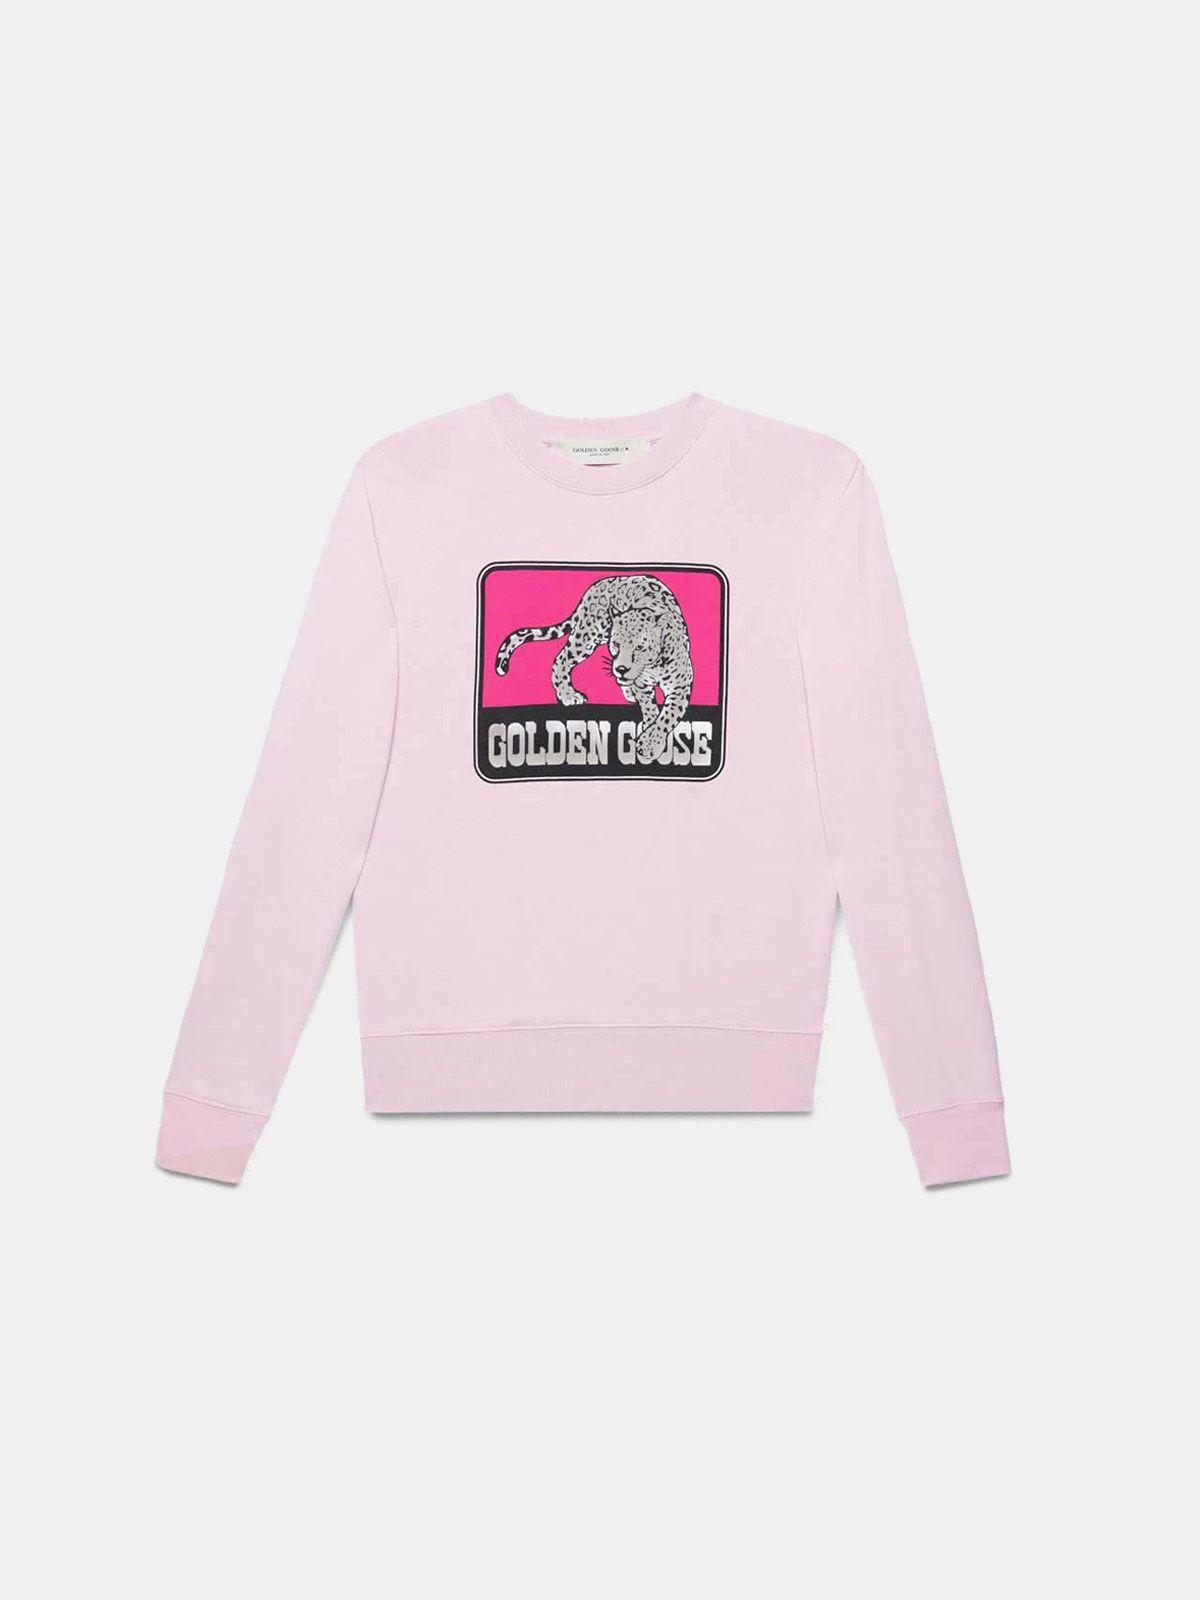 Golden Goose - Pink Catarina sweatshirt with jaguar print in